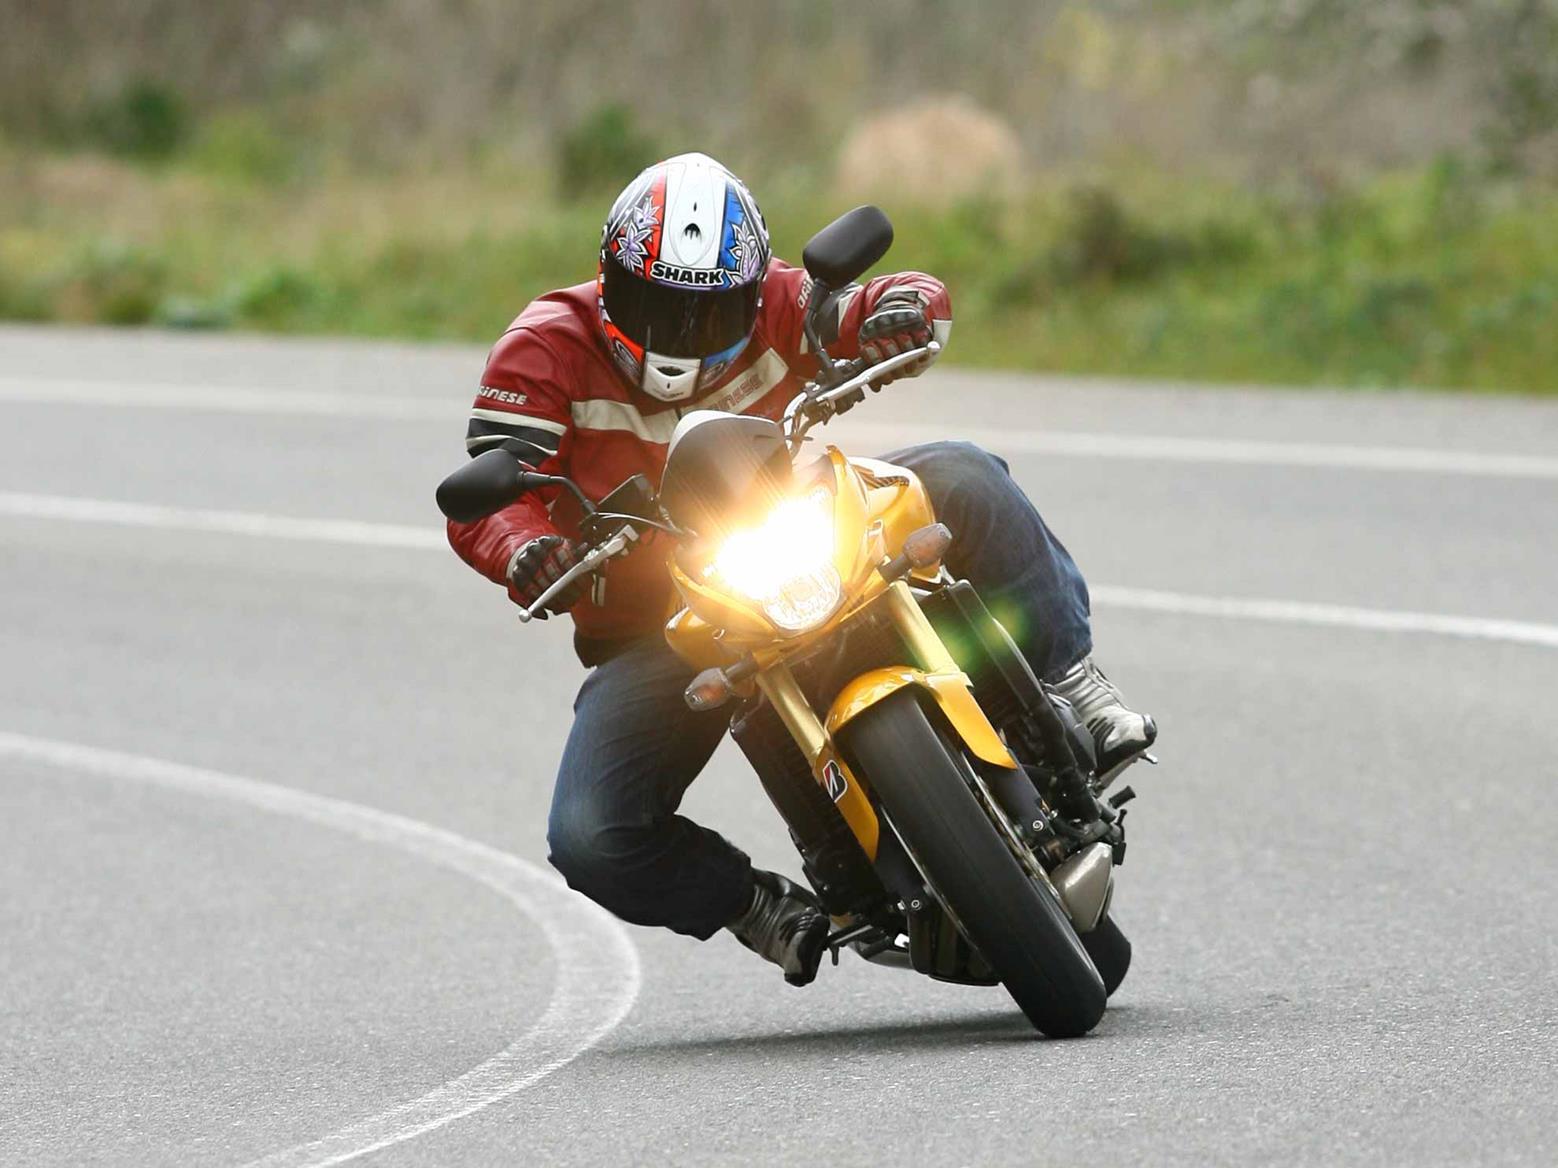 In action on the 2007 Honda CB600F Hornet